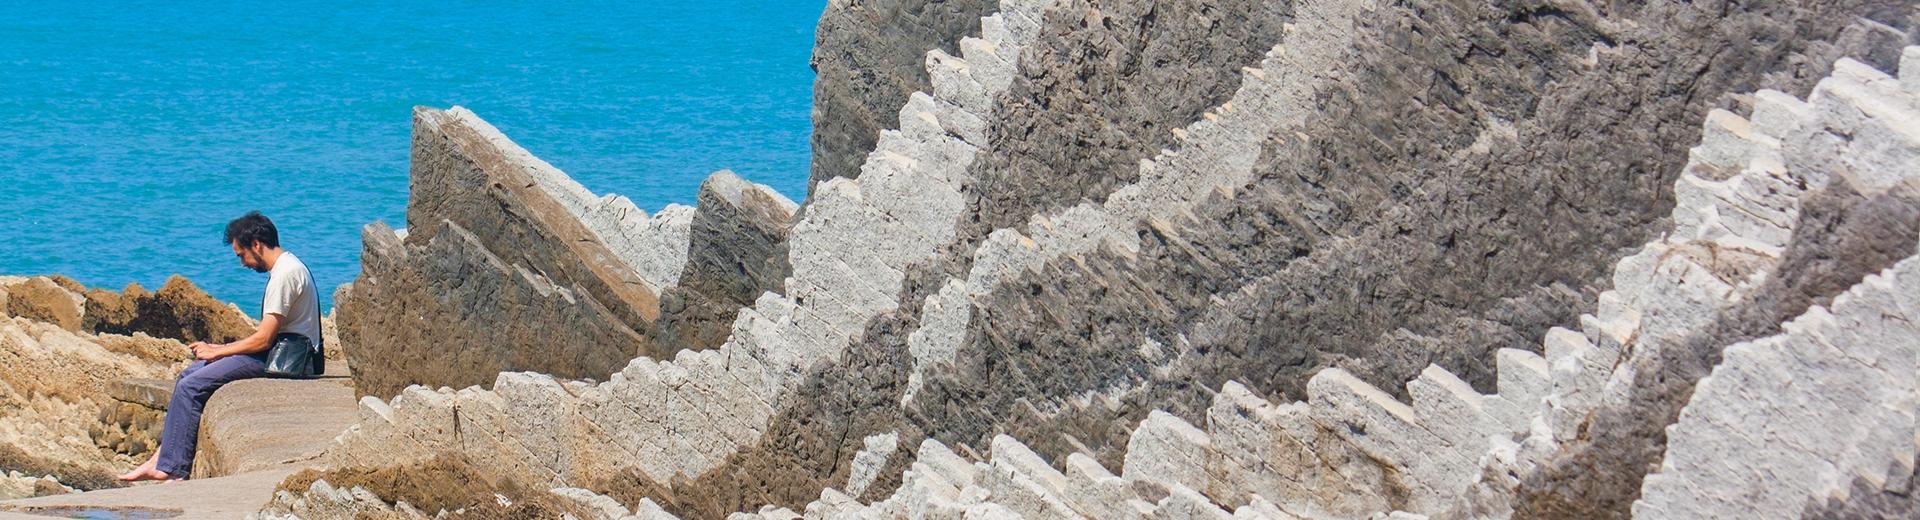 zer egin zumaia ondare geologikoa cabecera